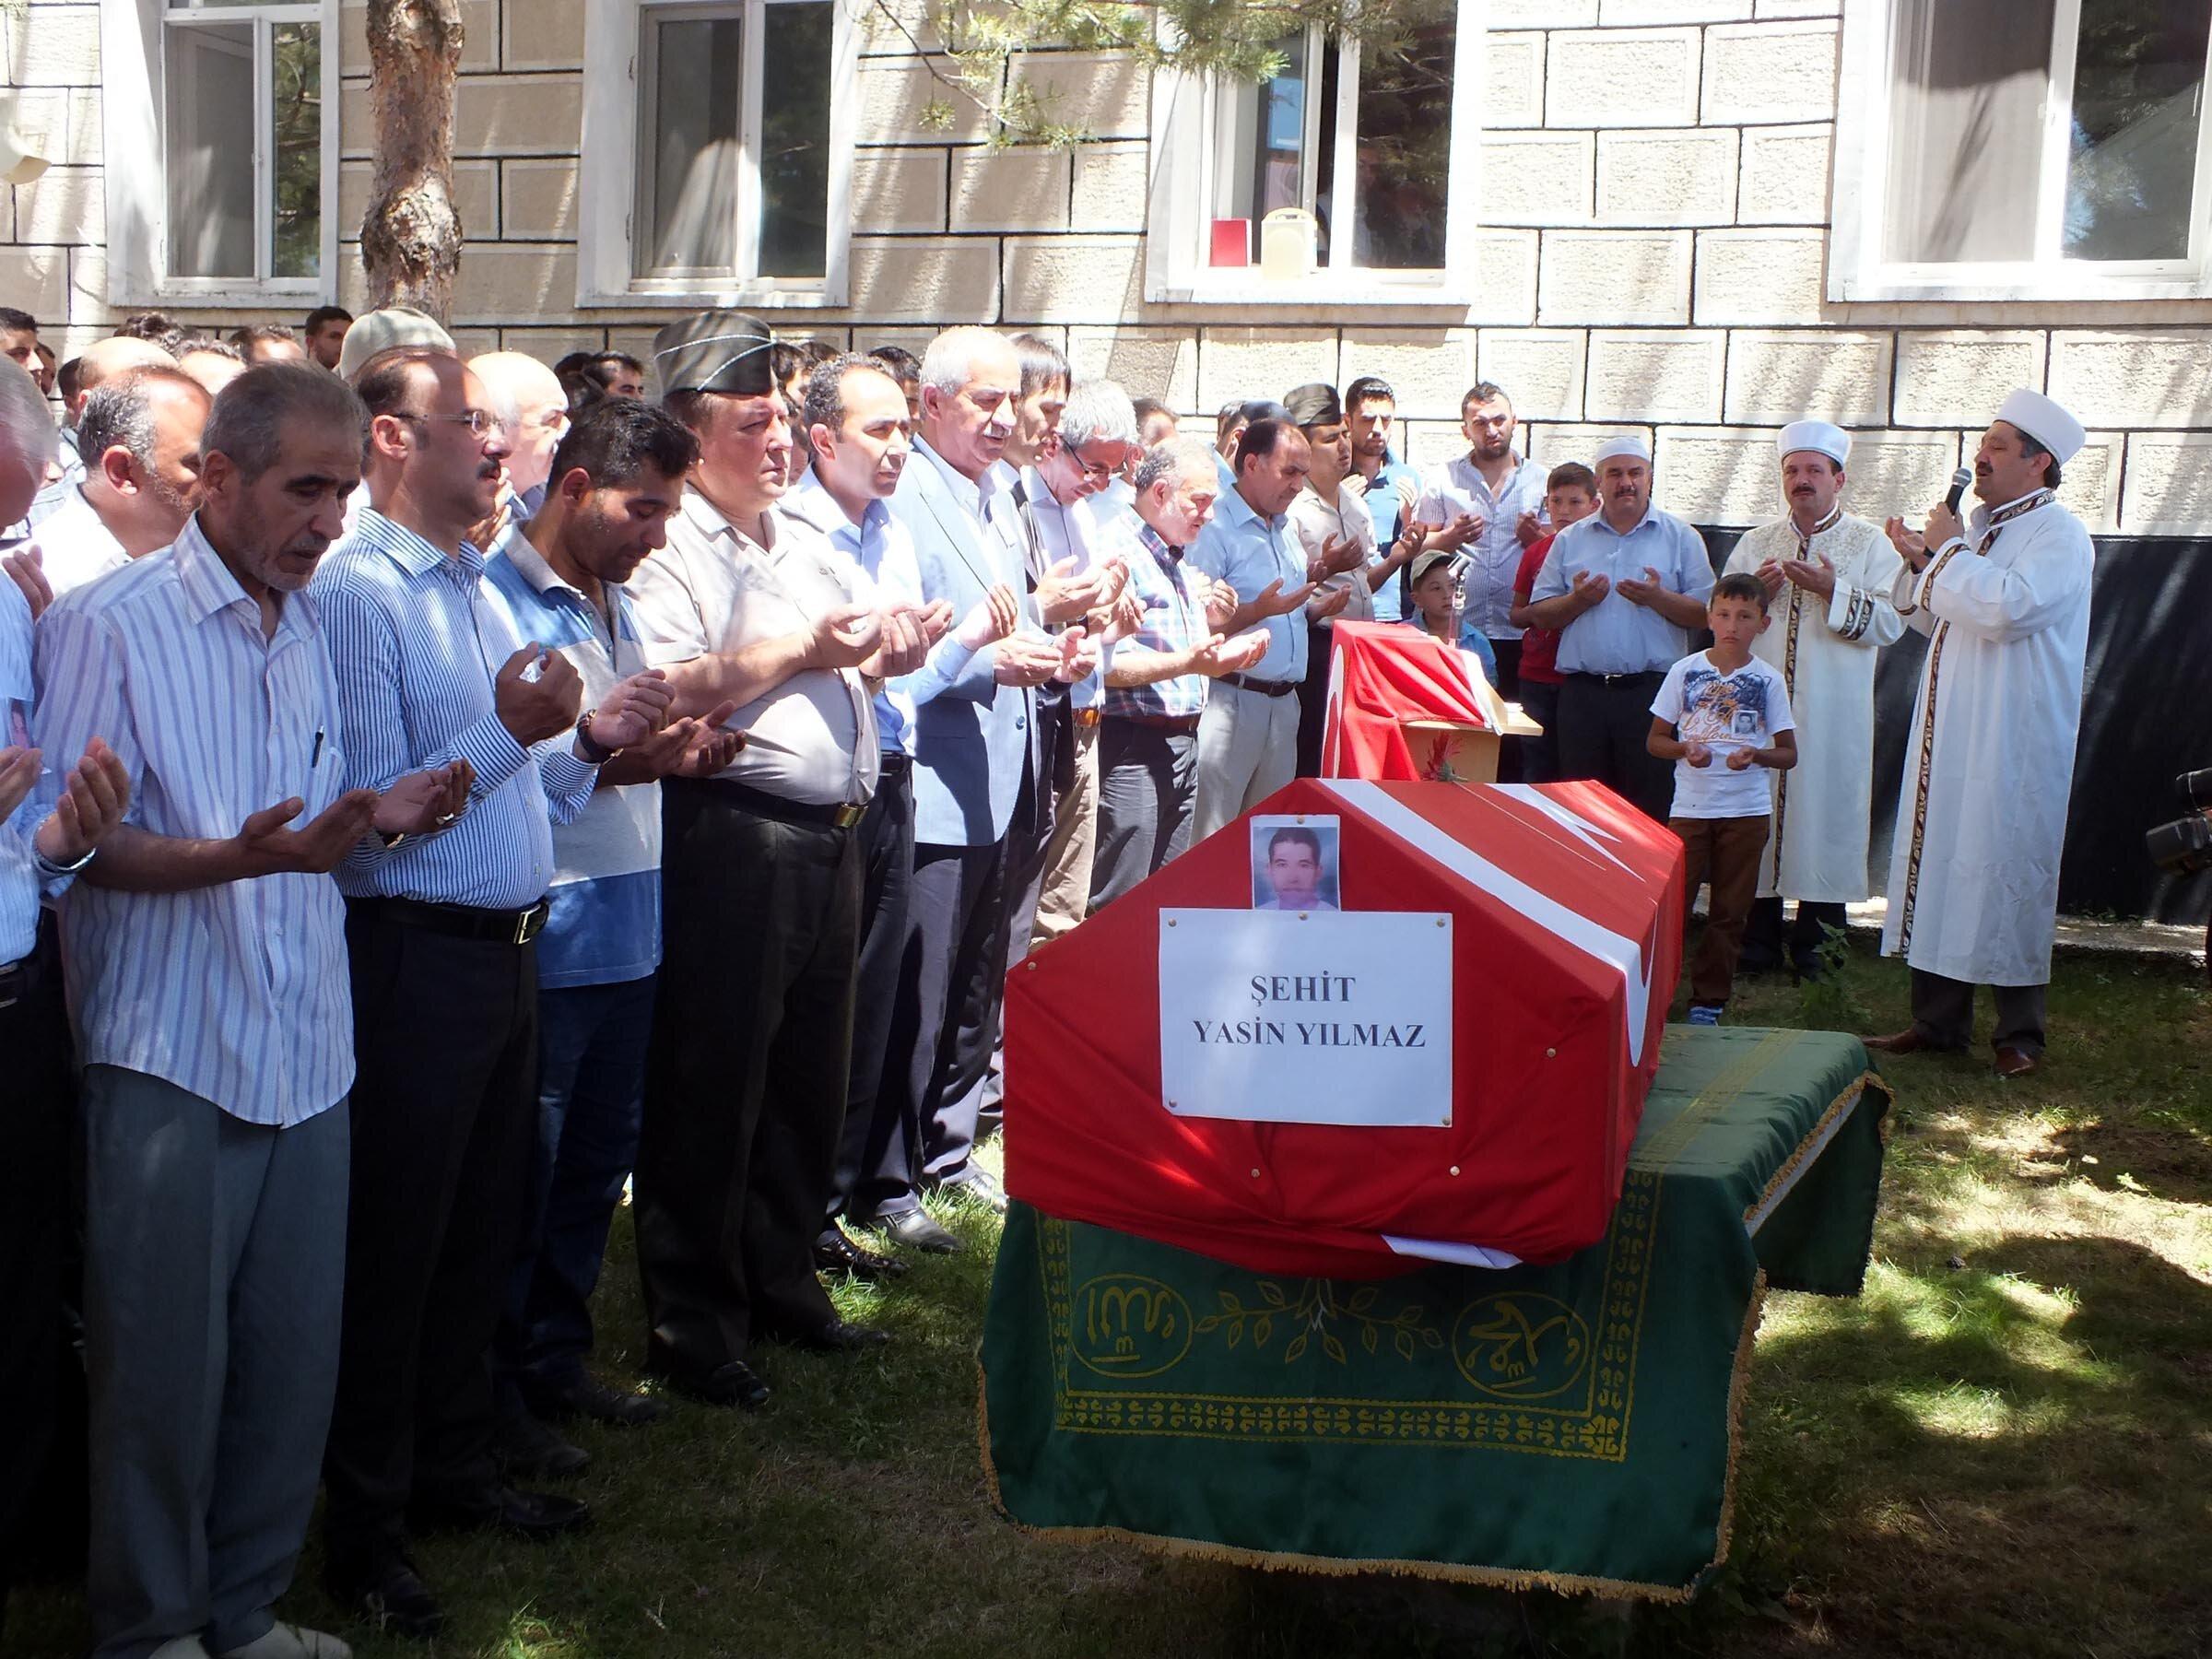 Kazan ilçesinde Akıncılar Hava Üssünden açılan ateş sonucu hayatını kaybeden Yasin Yılmaz memleketi Yozgat'ta düzenlenen cenaze töreni ile son yolculuğuna uğurlandı.